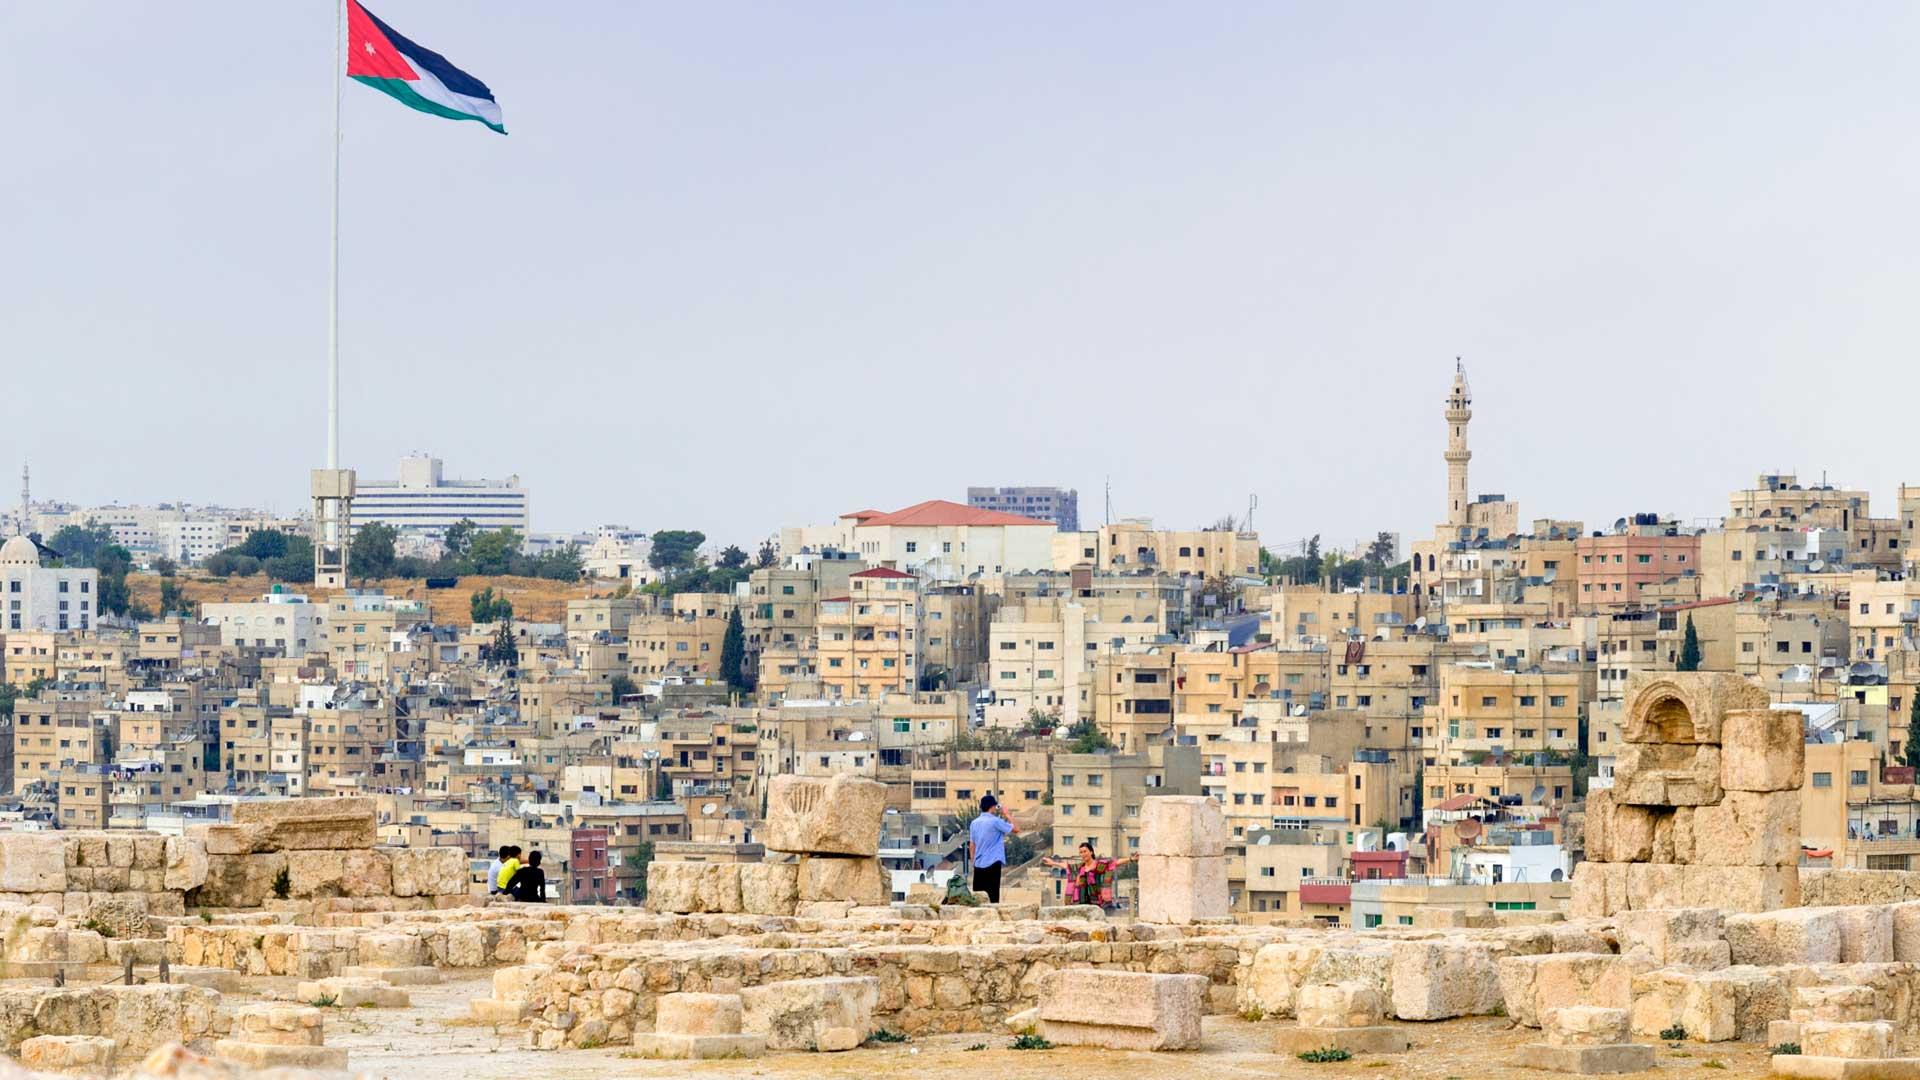 Landscape of Amman from the Citadel, Jordan